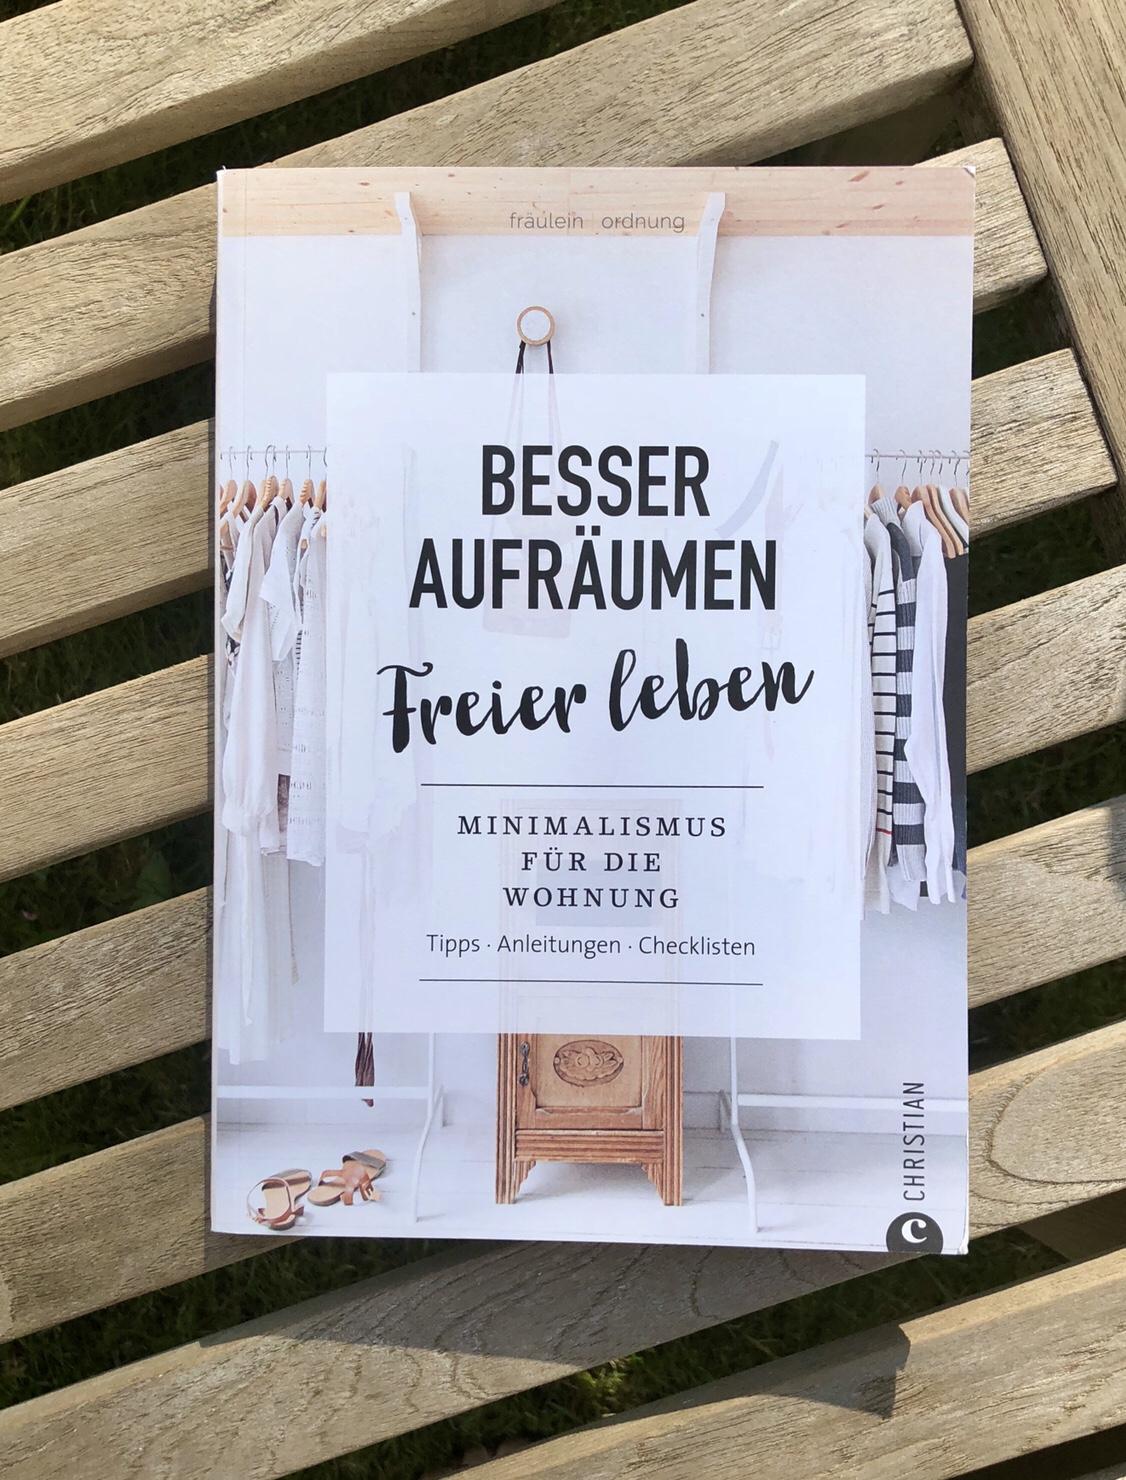 Fräulein Ordnung: Besser aufräumen, freier Leben. Minimalismus für die Wohnung | berlinmittemom.com